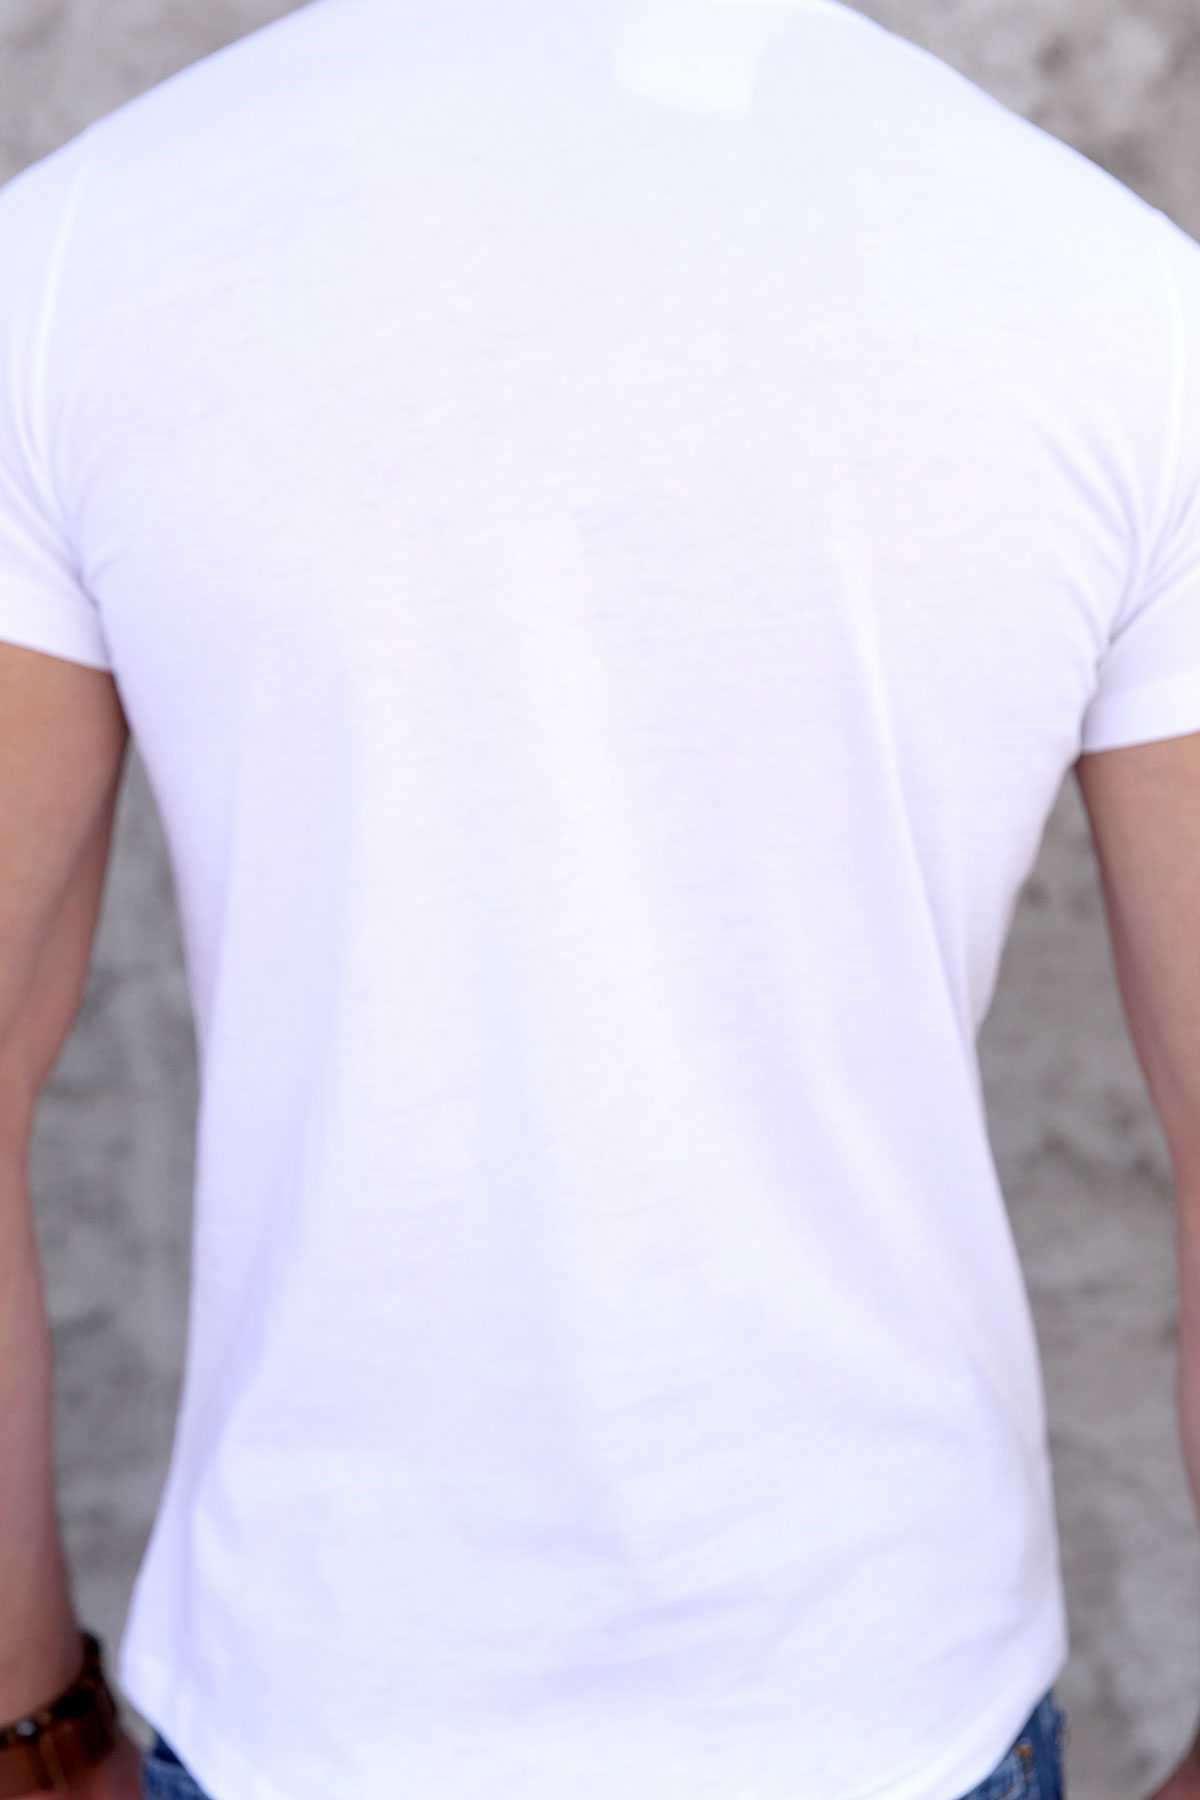 Göğüs Deri Üçgen Baskılı Pis Yaka Slim Fit Tişört Beyaz